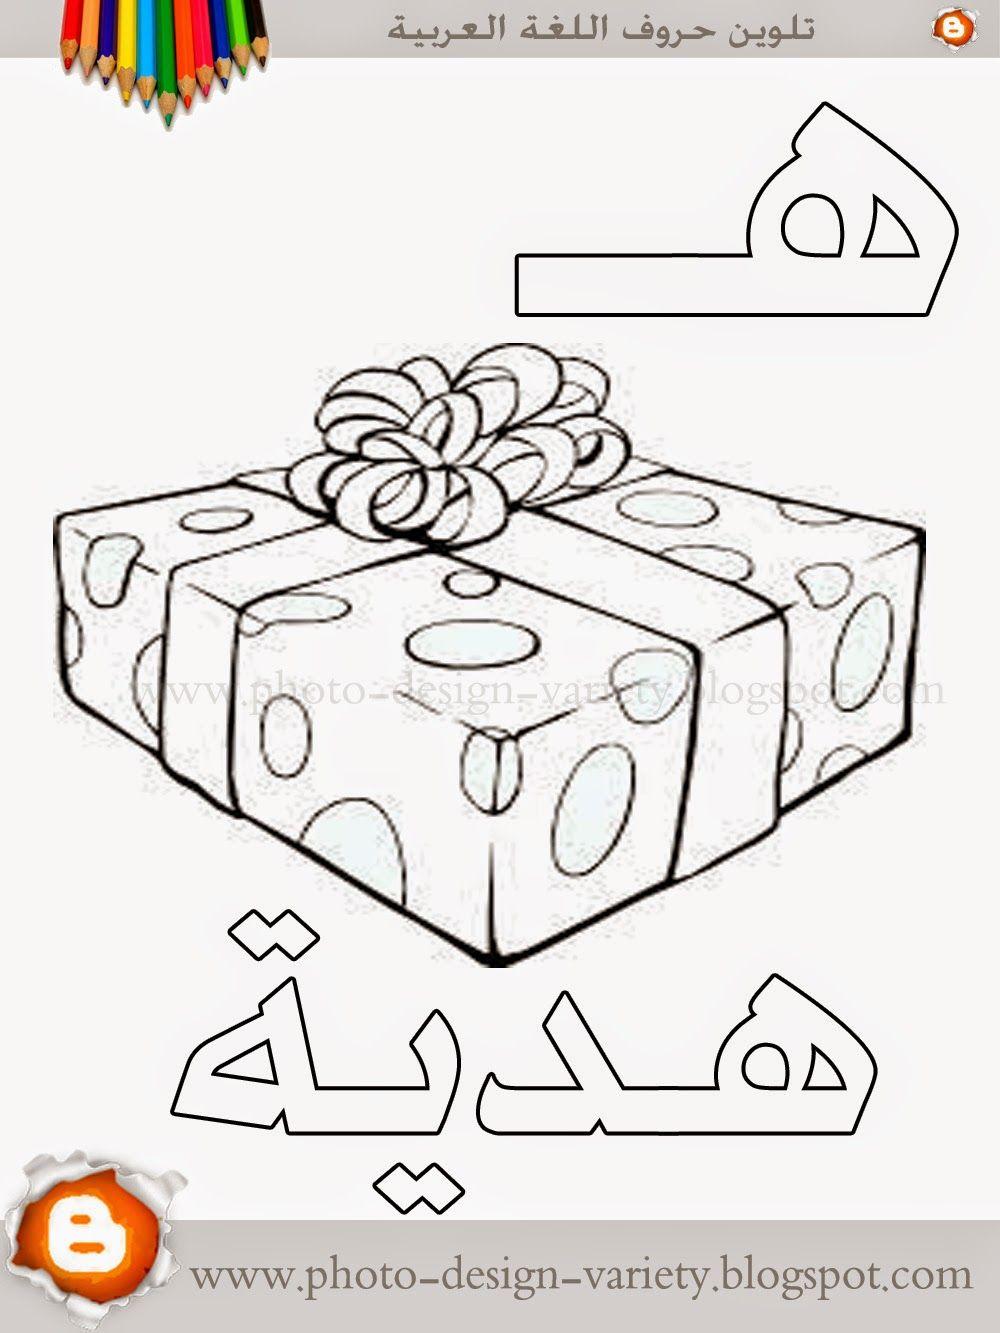 ألبومات صور منوعة البوم تلوين صور حروف هجاء اللغة العربية مع الأمثلة Alphabet Preschool Alphabet Crafts Alphabet Coloring Pages